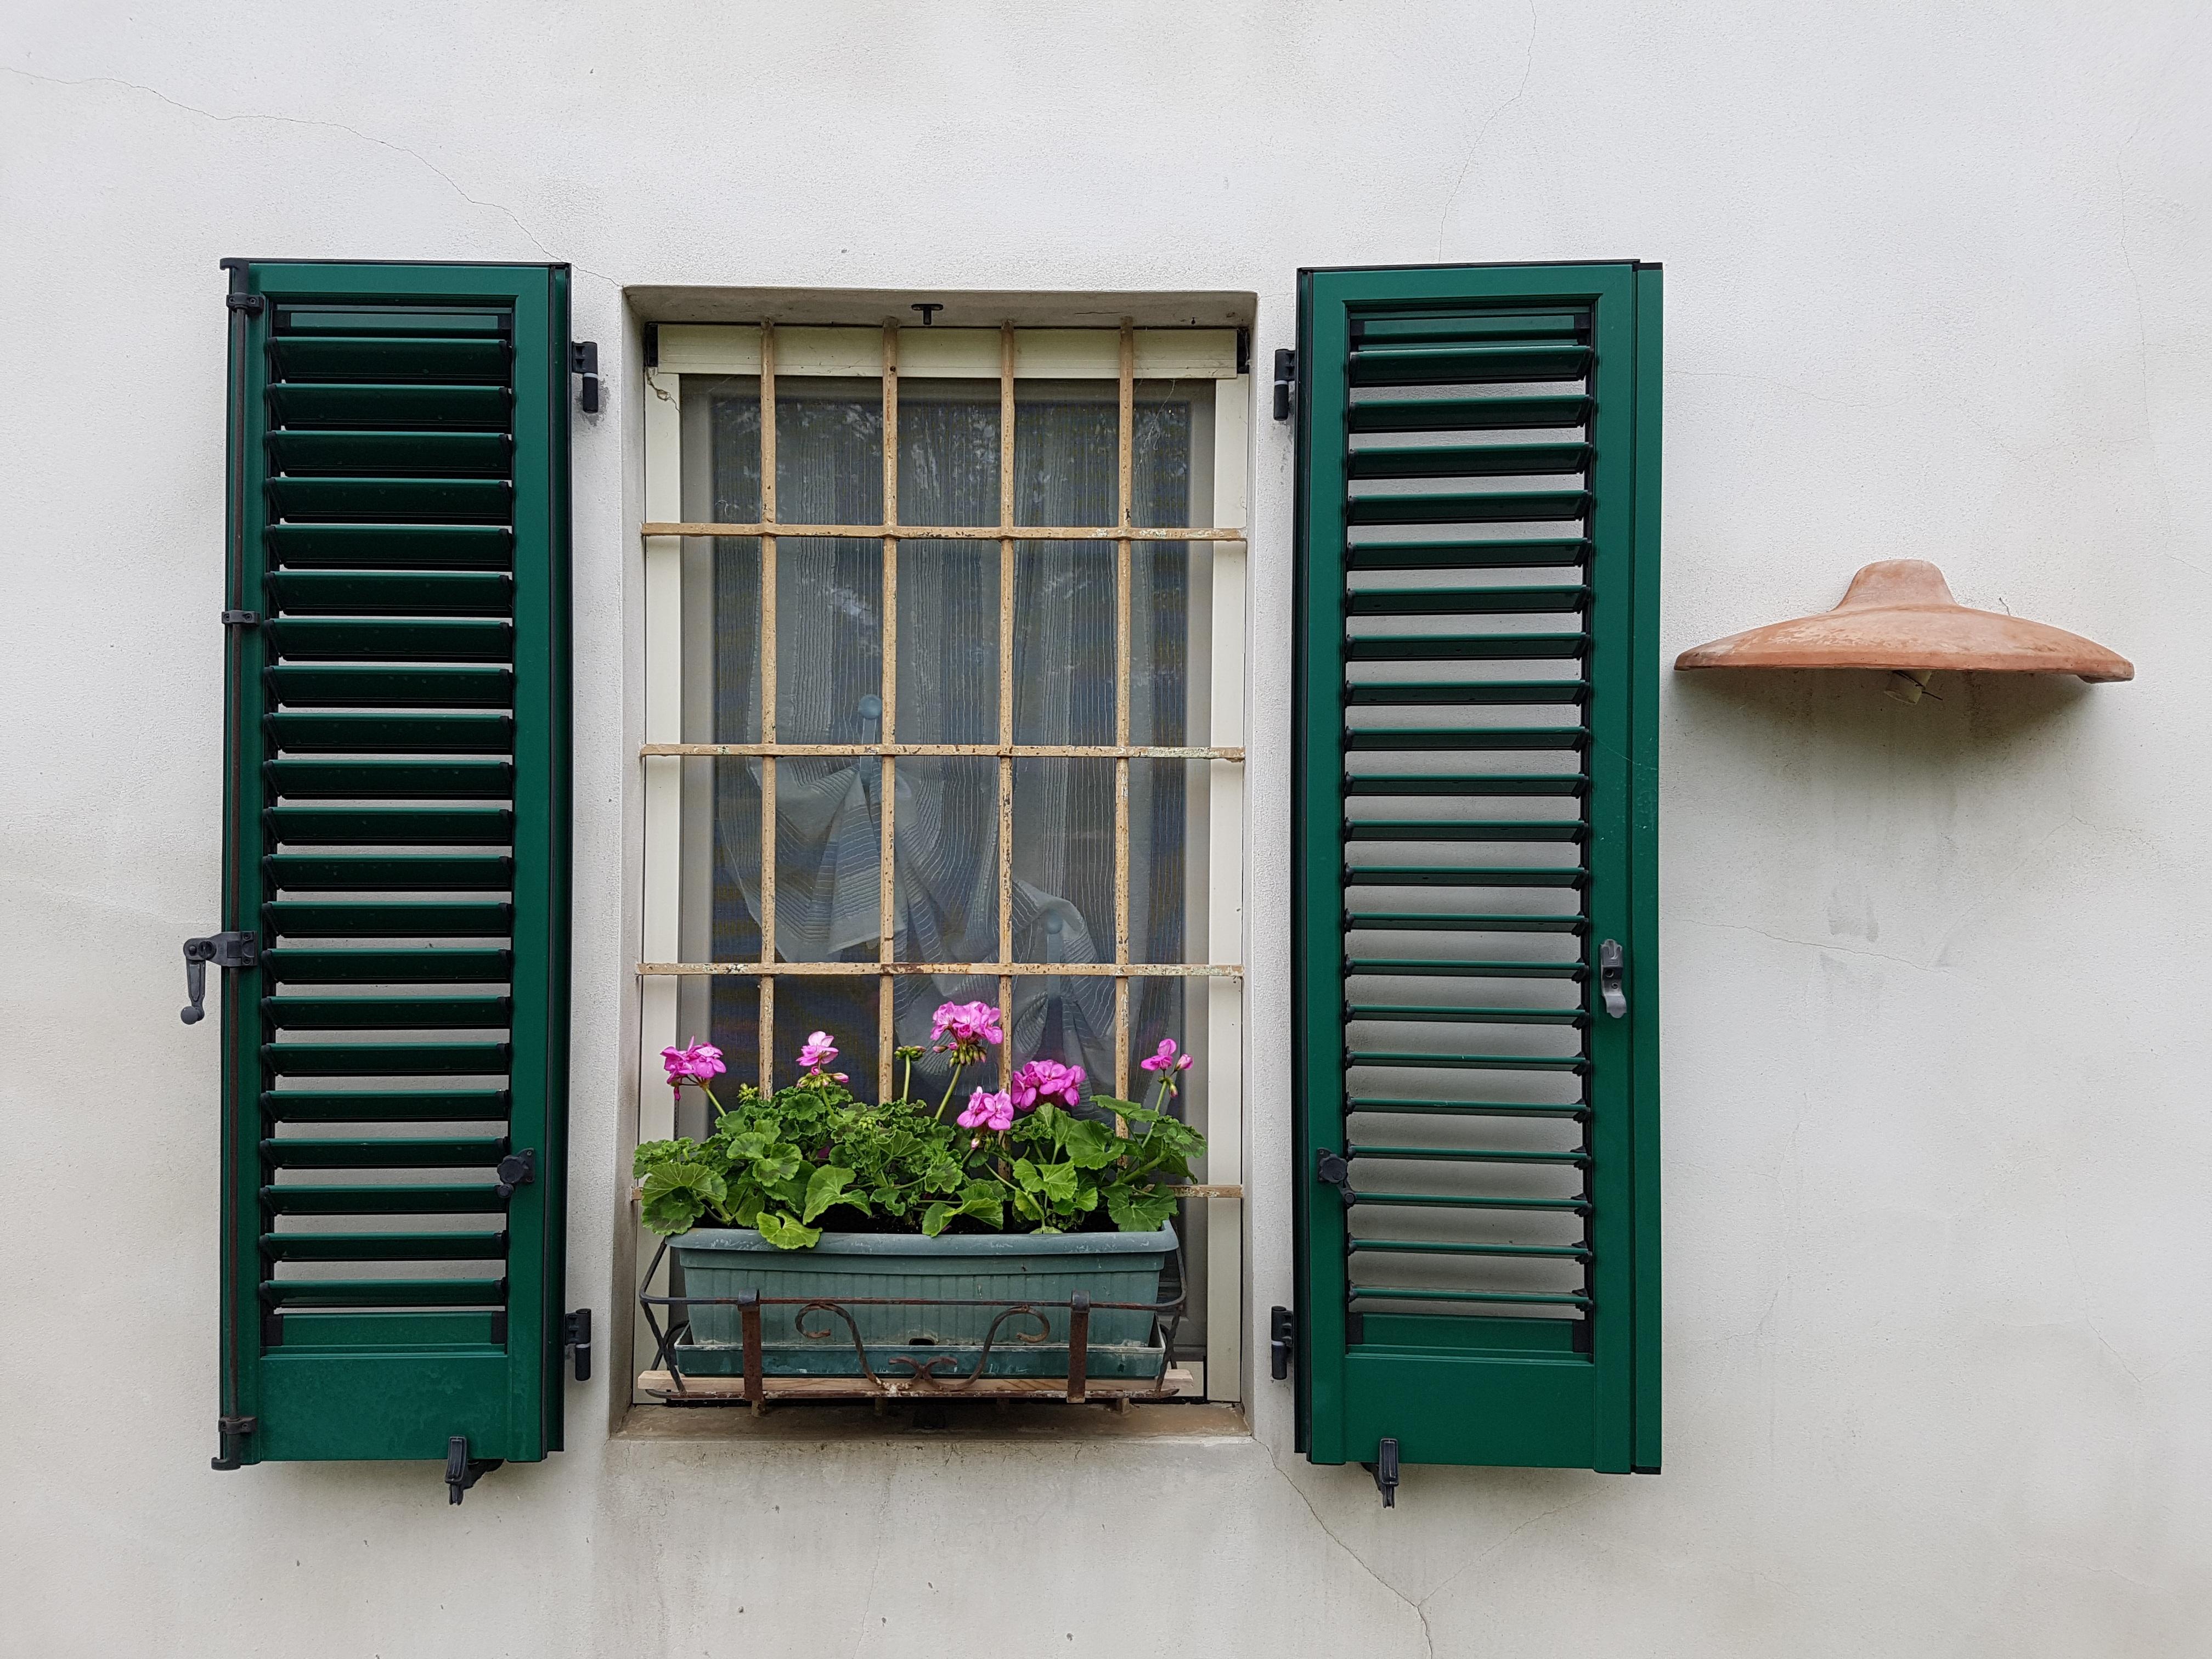 Images Gratuites Bois Maison Fleur Mur Balustrade